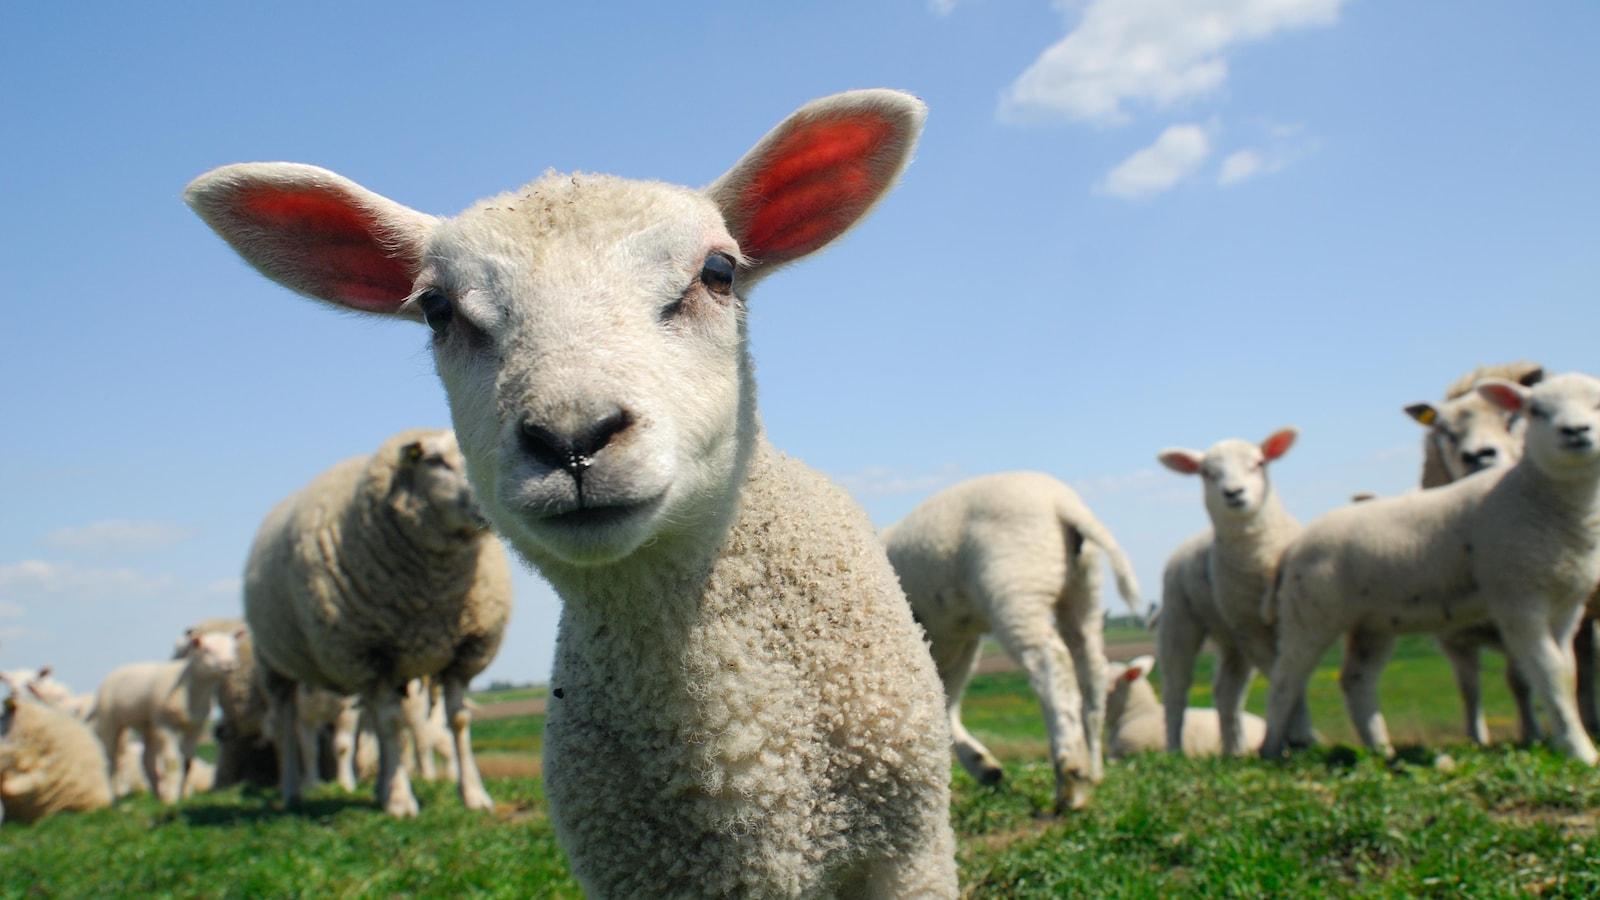 Un agneau curieux regarde la caméra, d'autres moutons en arrière-plan.